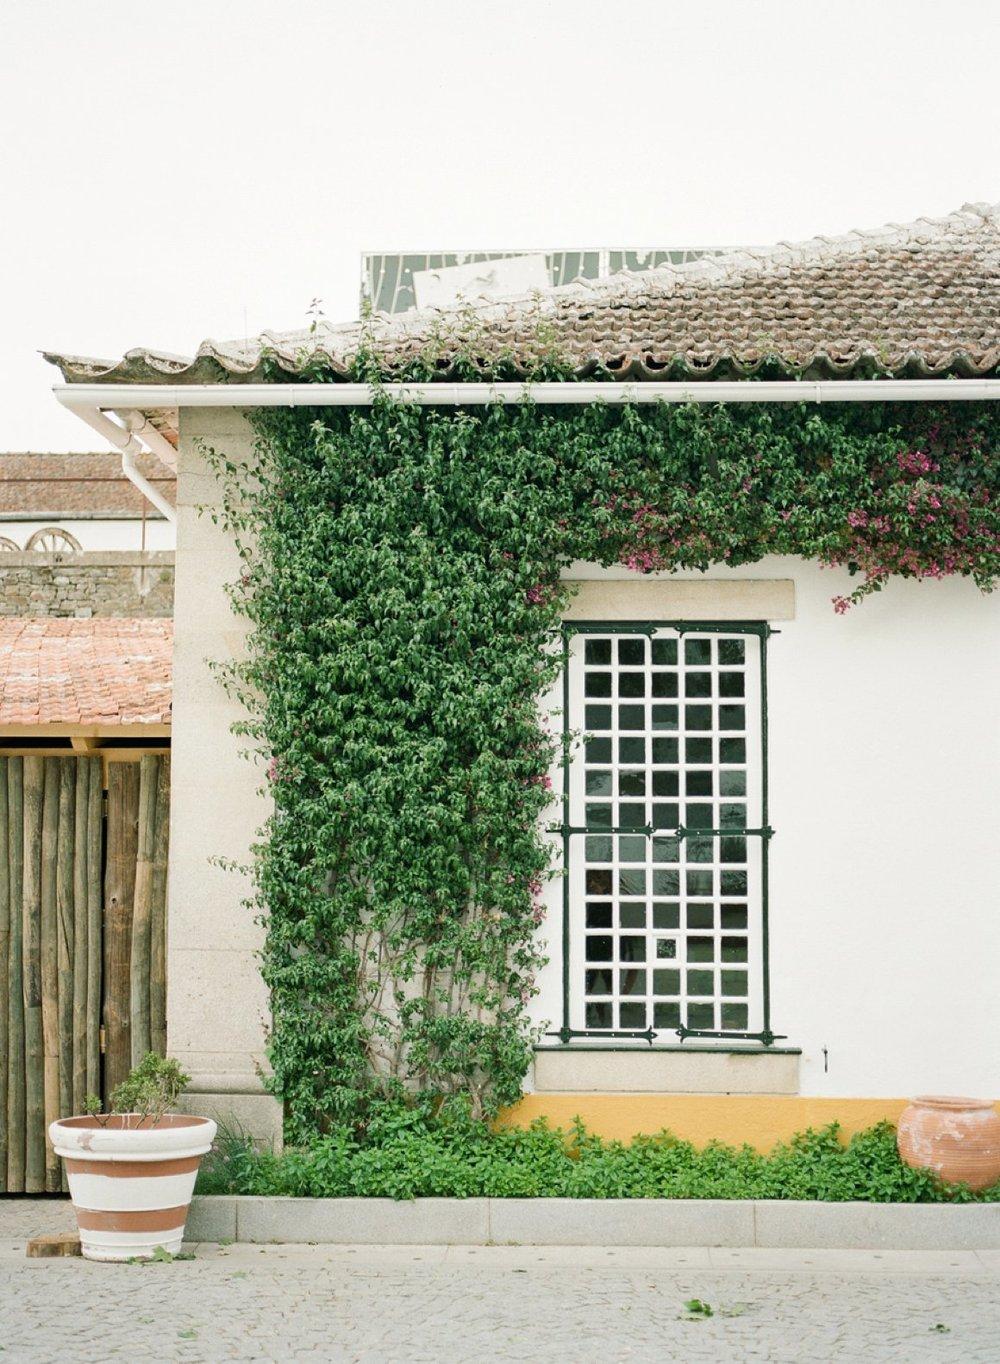 coco-lane-Portugal_0101.jpg